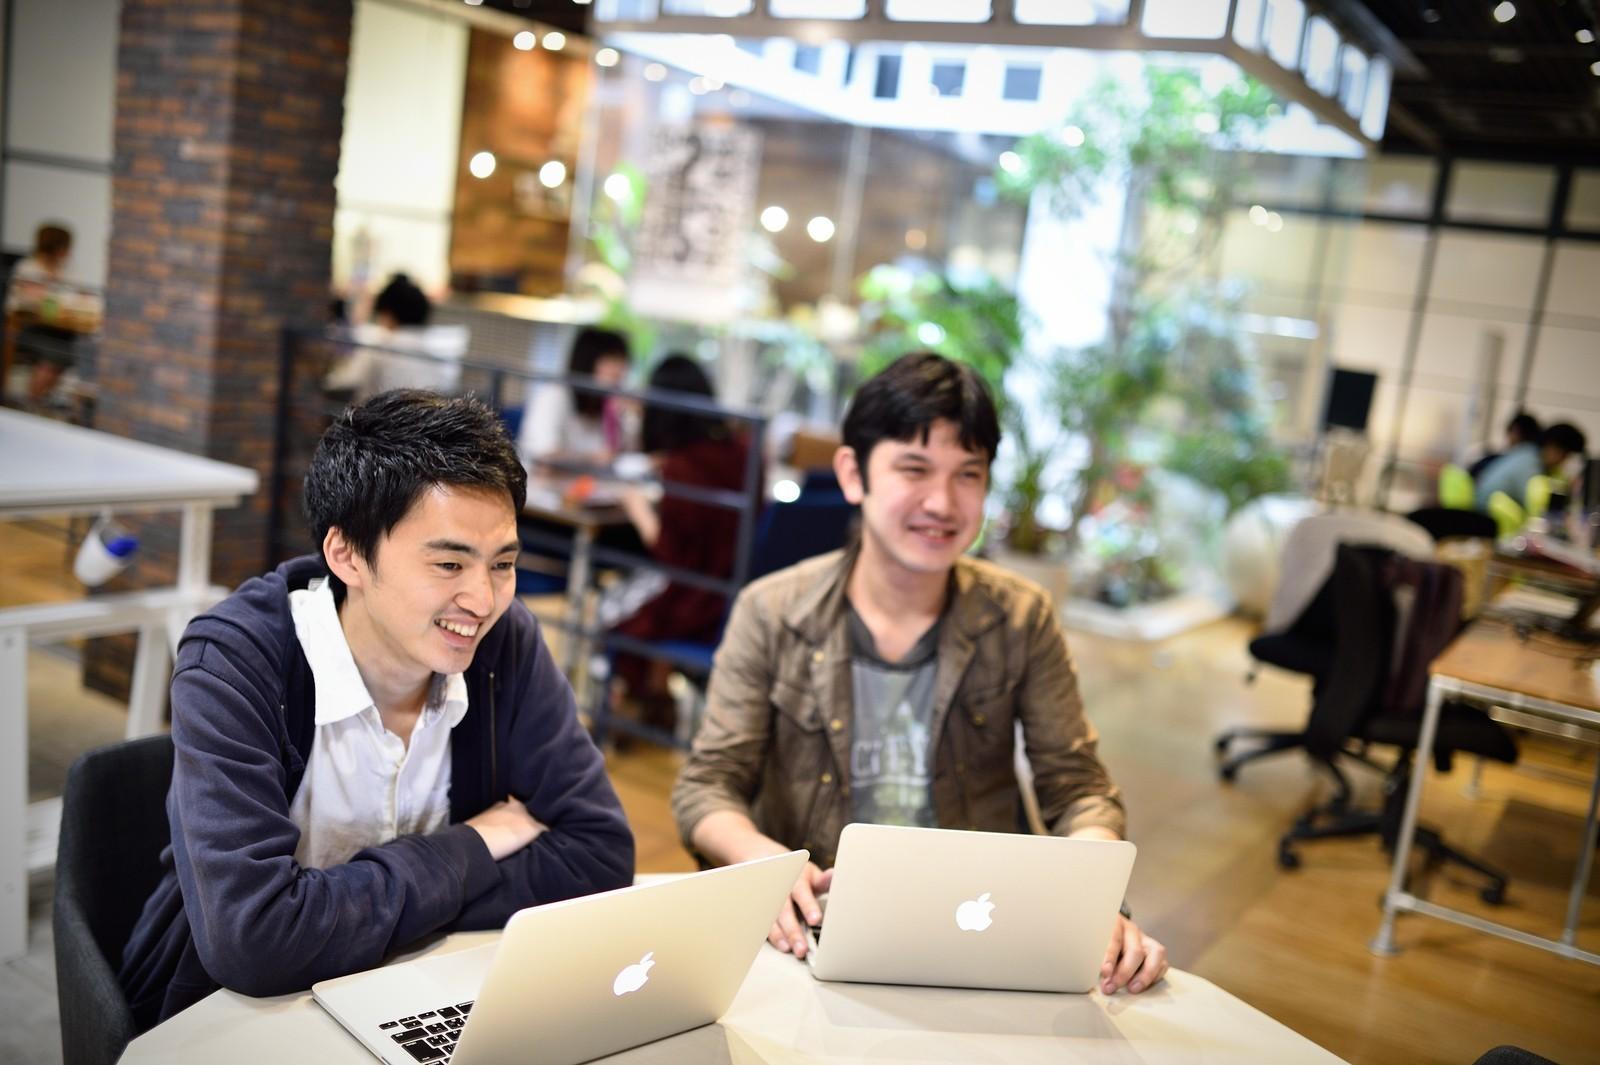 電子マネー、AR、データセキュリティなど多角的に事業拡大中のアララがiOSエンジニアを募集!